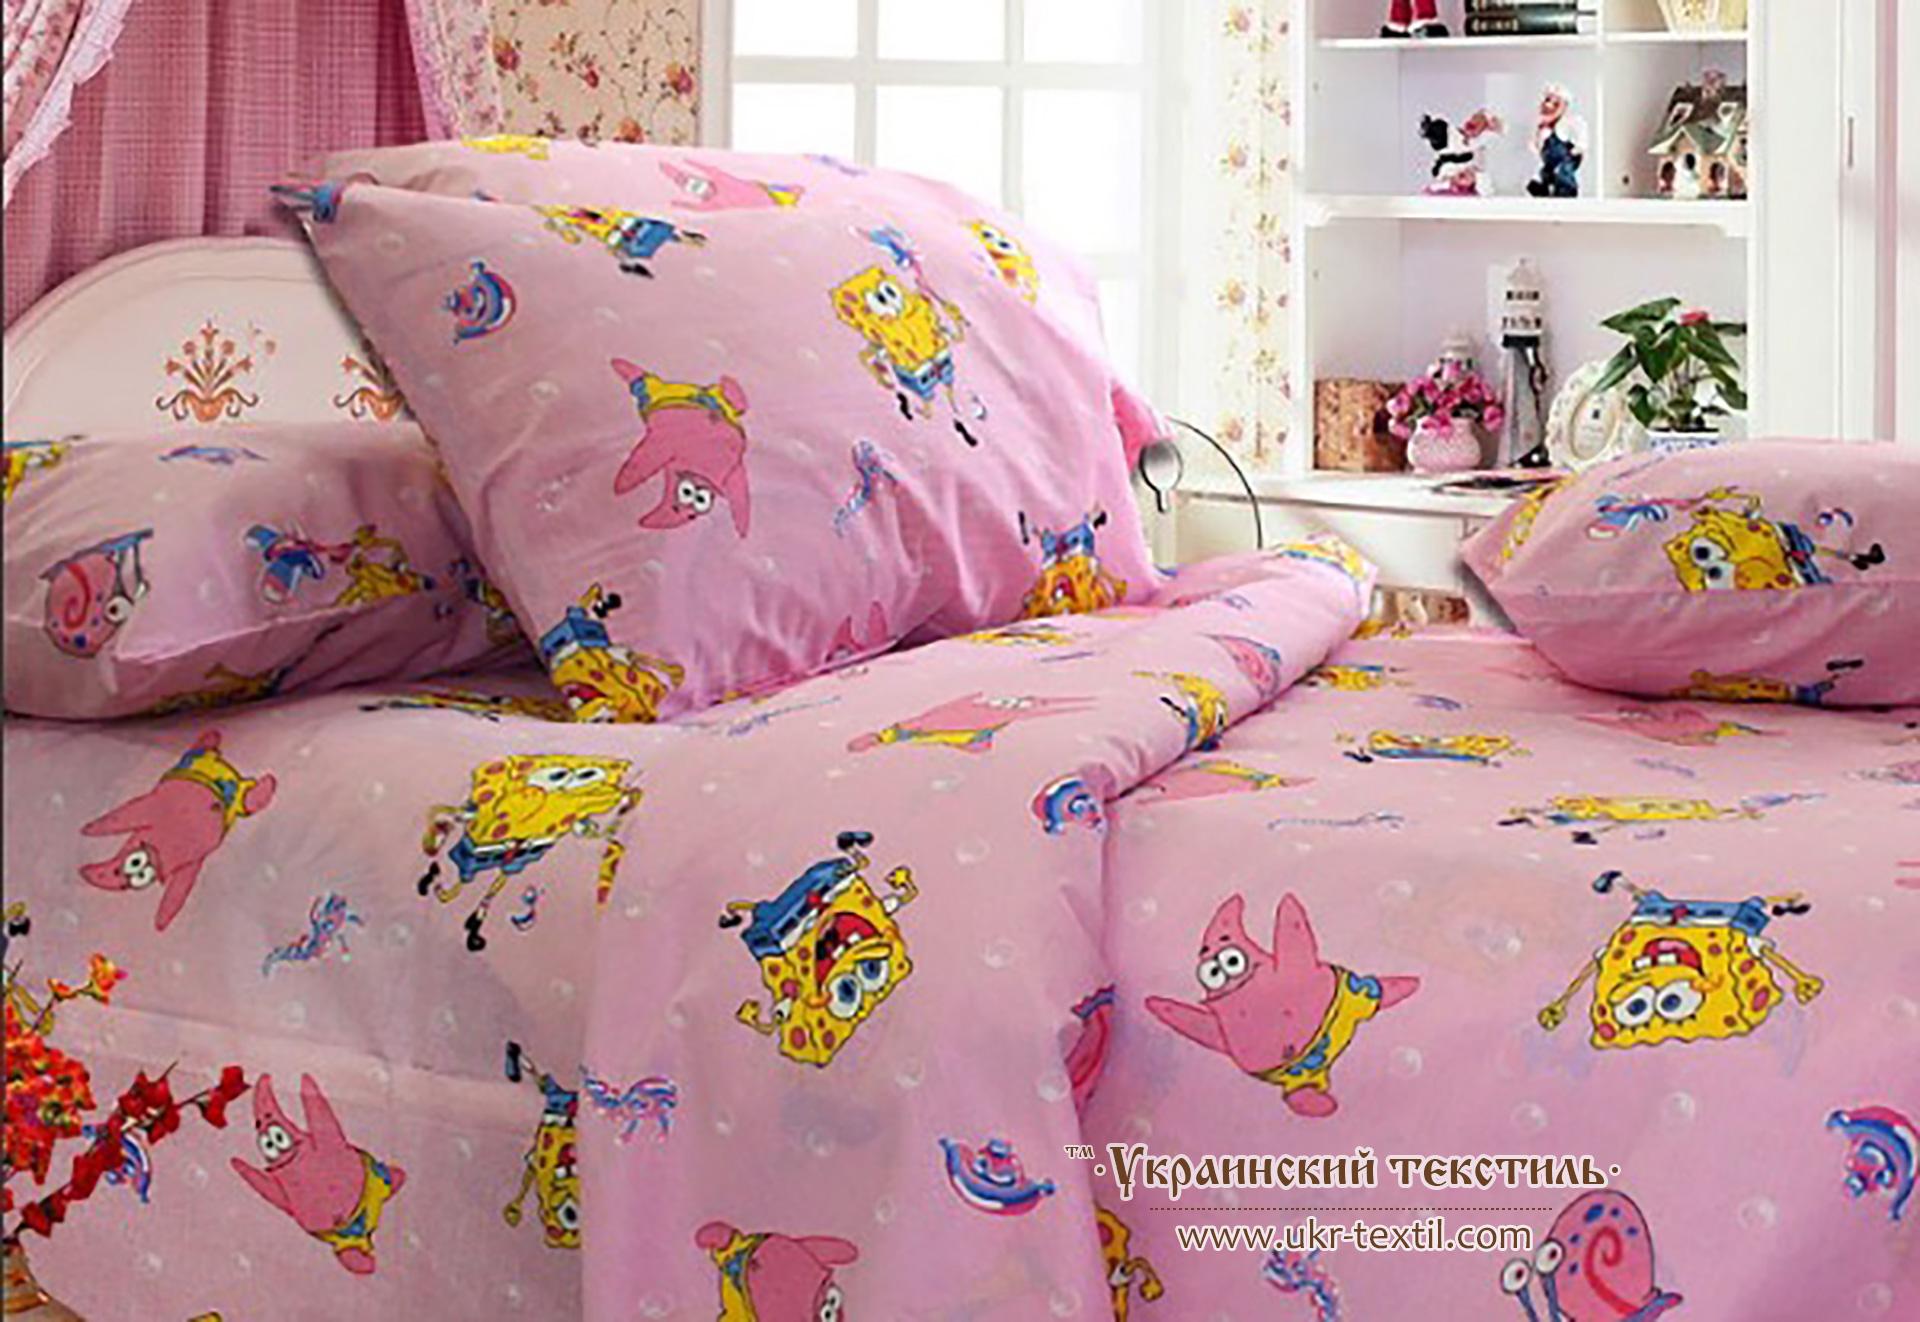 Как сшить постельное белье для детского сада фото 508